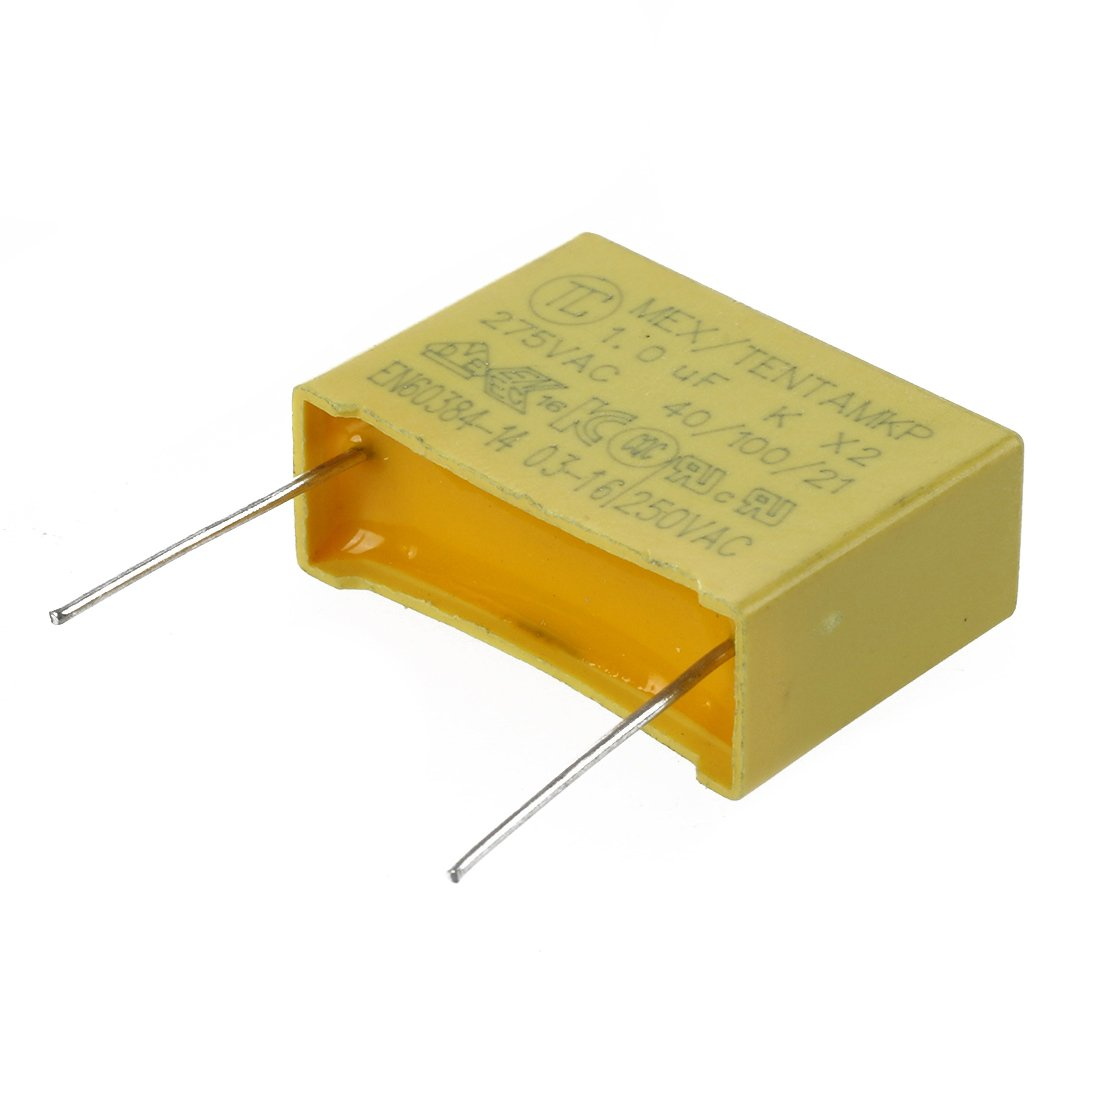 Condensador - SODIAL(R) 10pzs AC 275V 1uF Condensador de seguridad de pelicula de polipropileno 010663